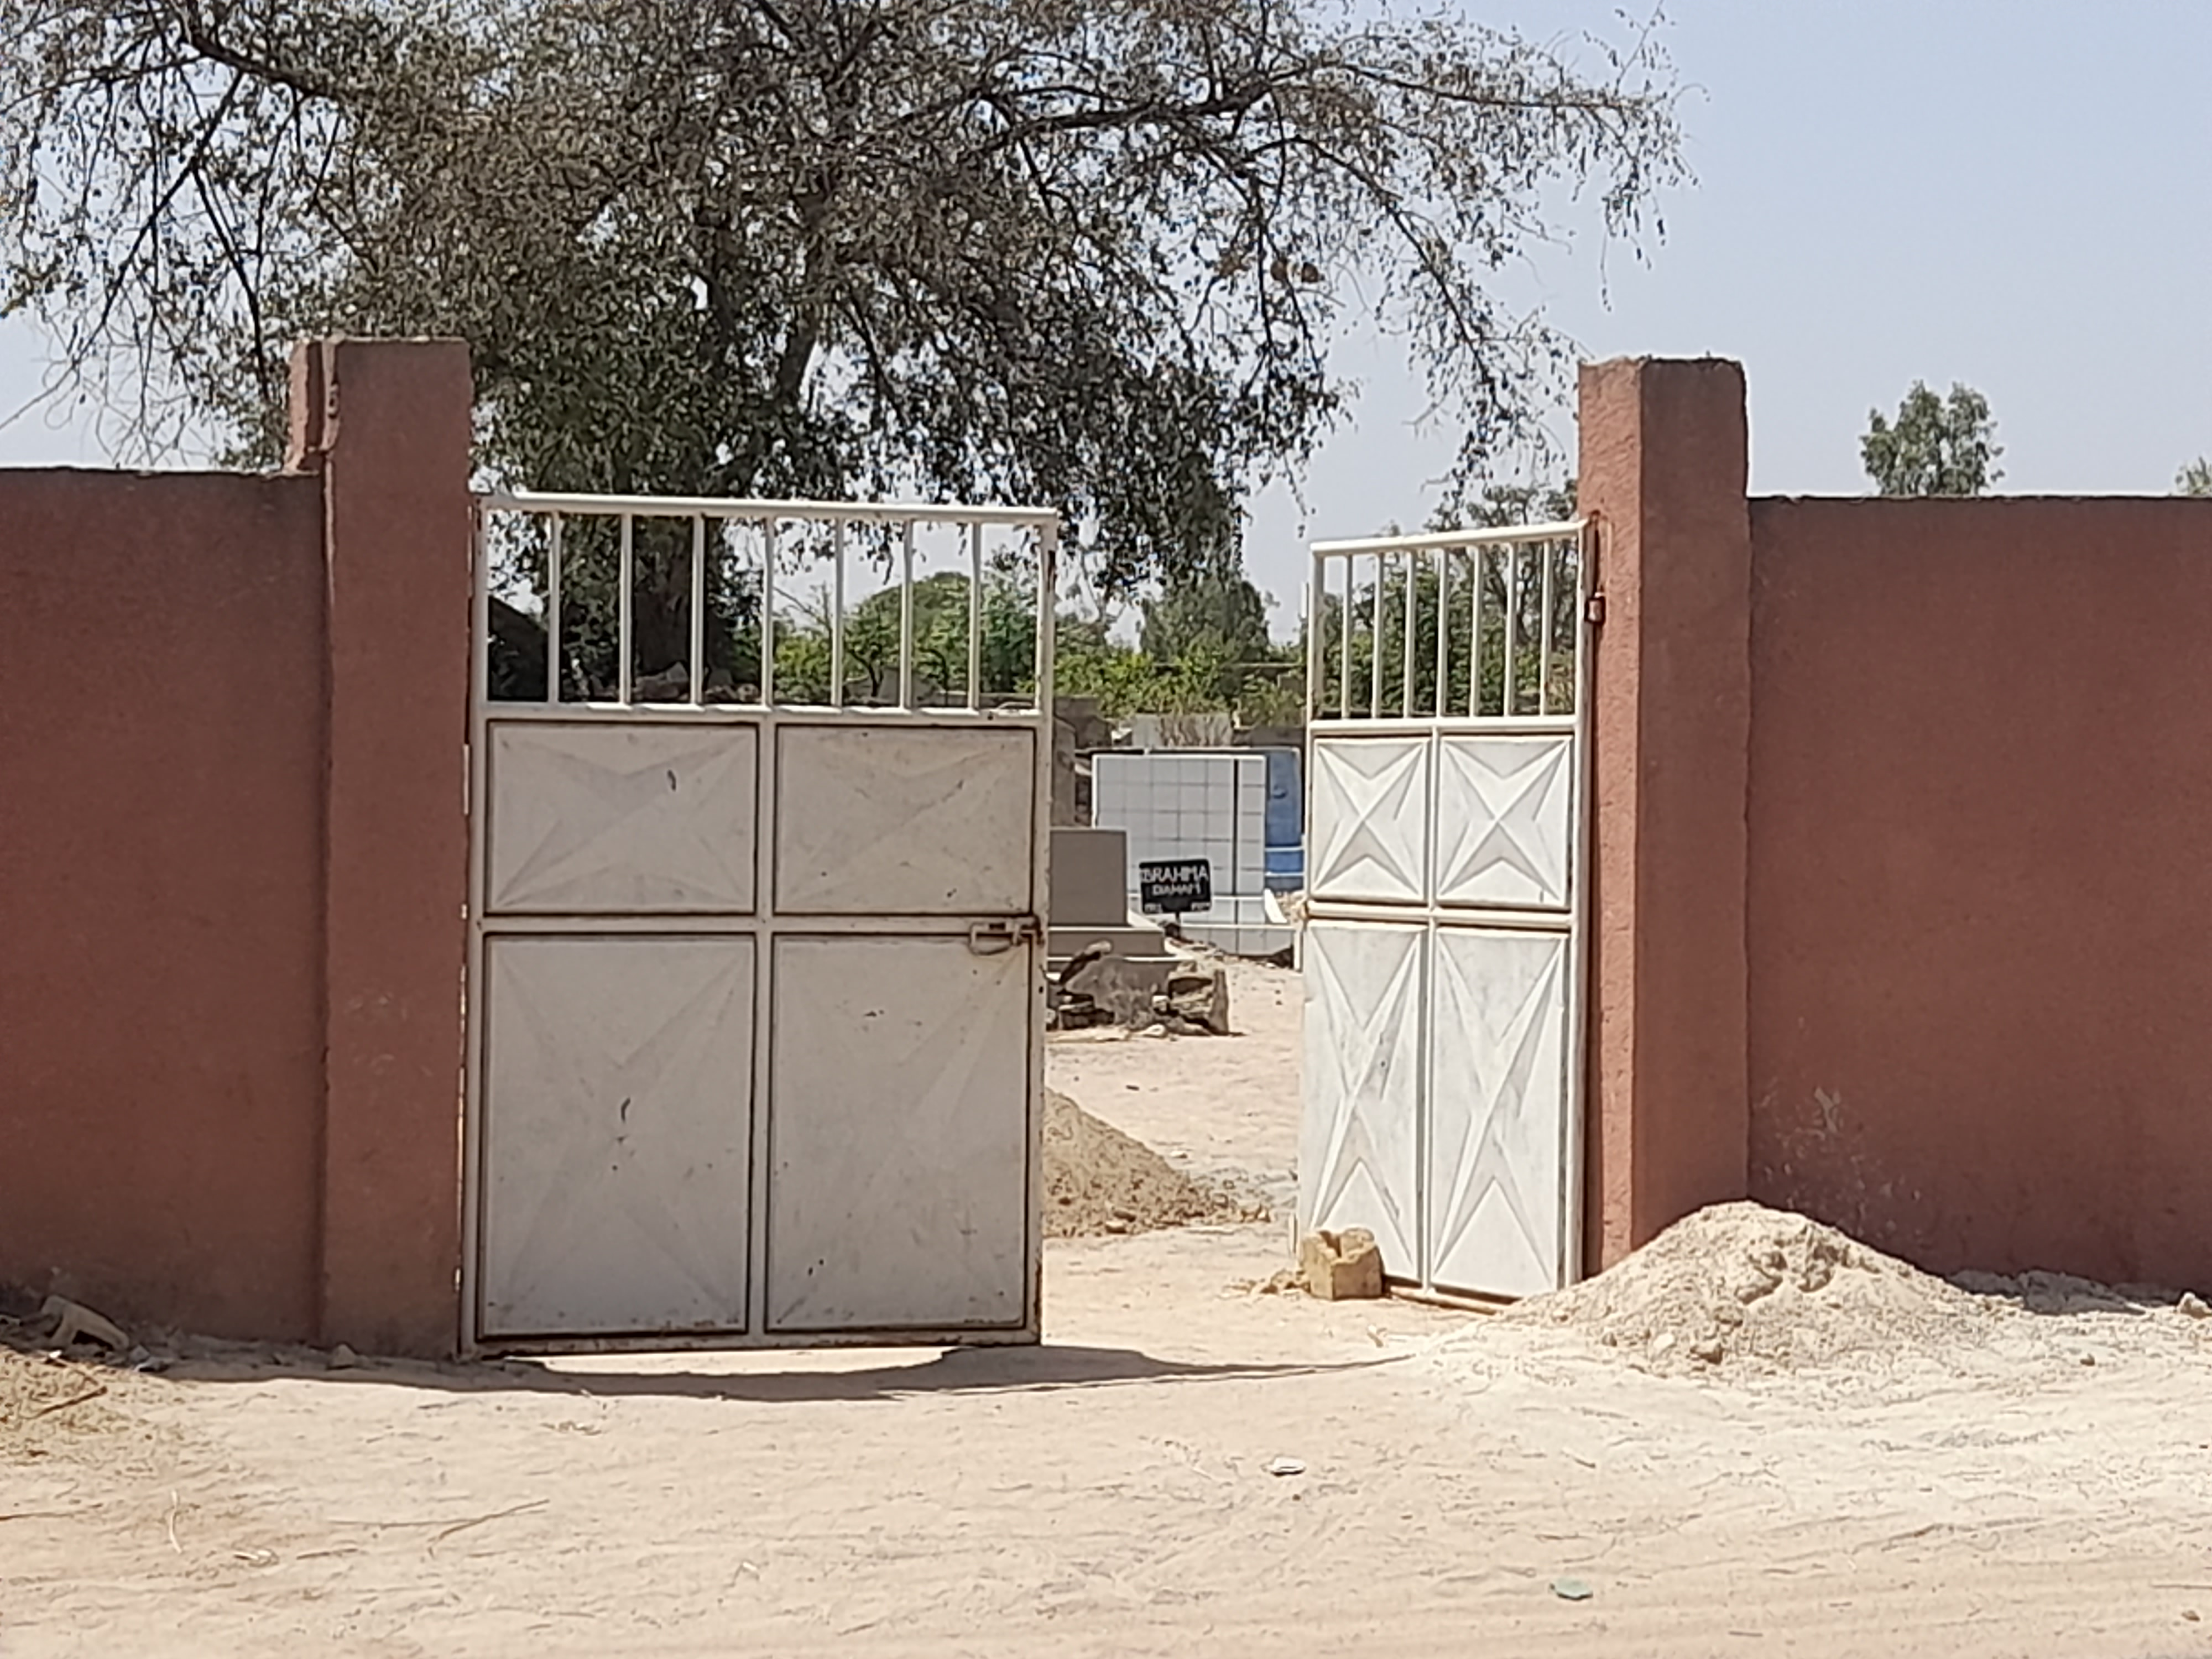 Sokone : Voici la dernière demeure du Doyen des Juges (IMAGES)